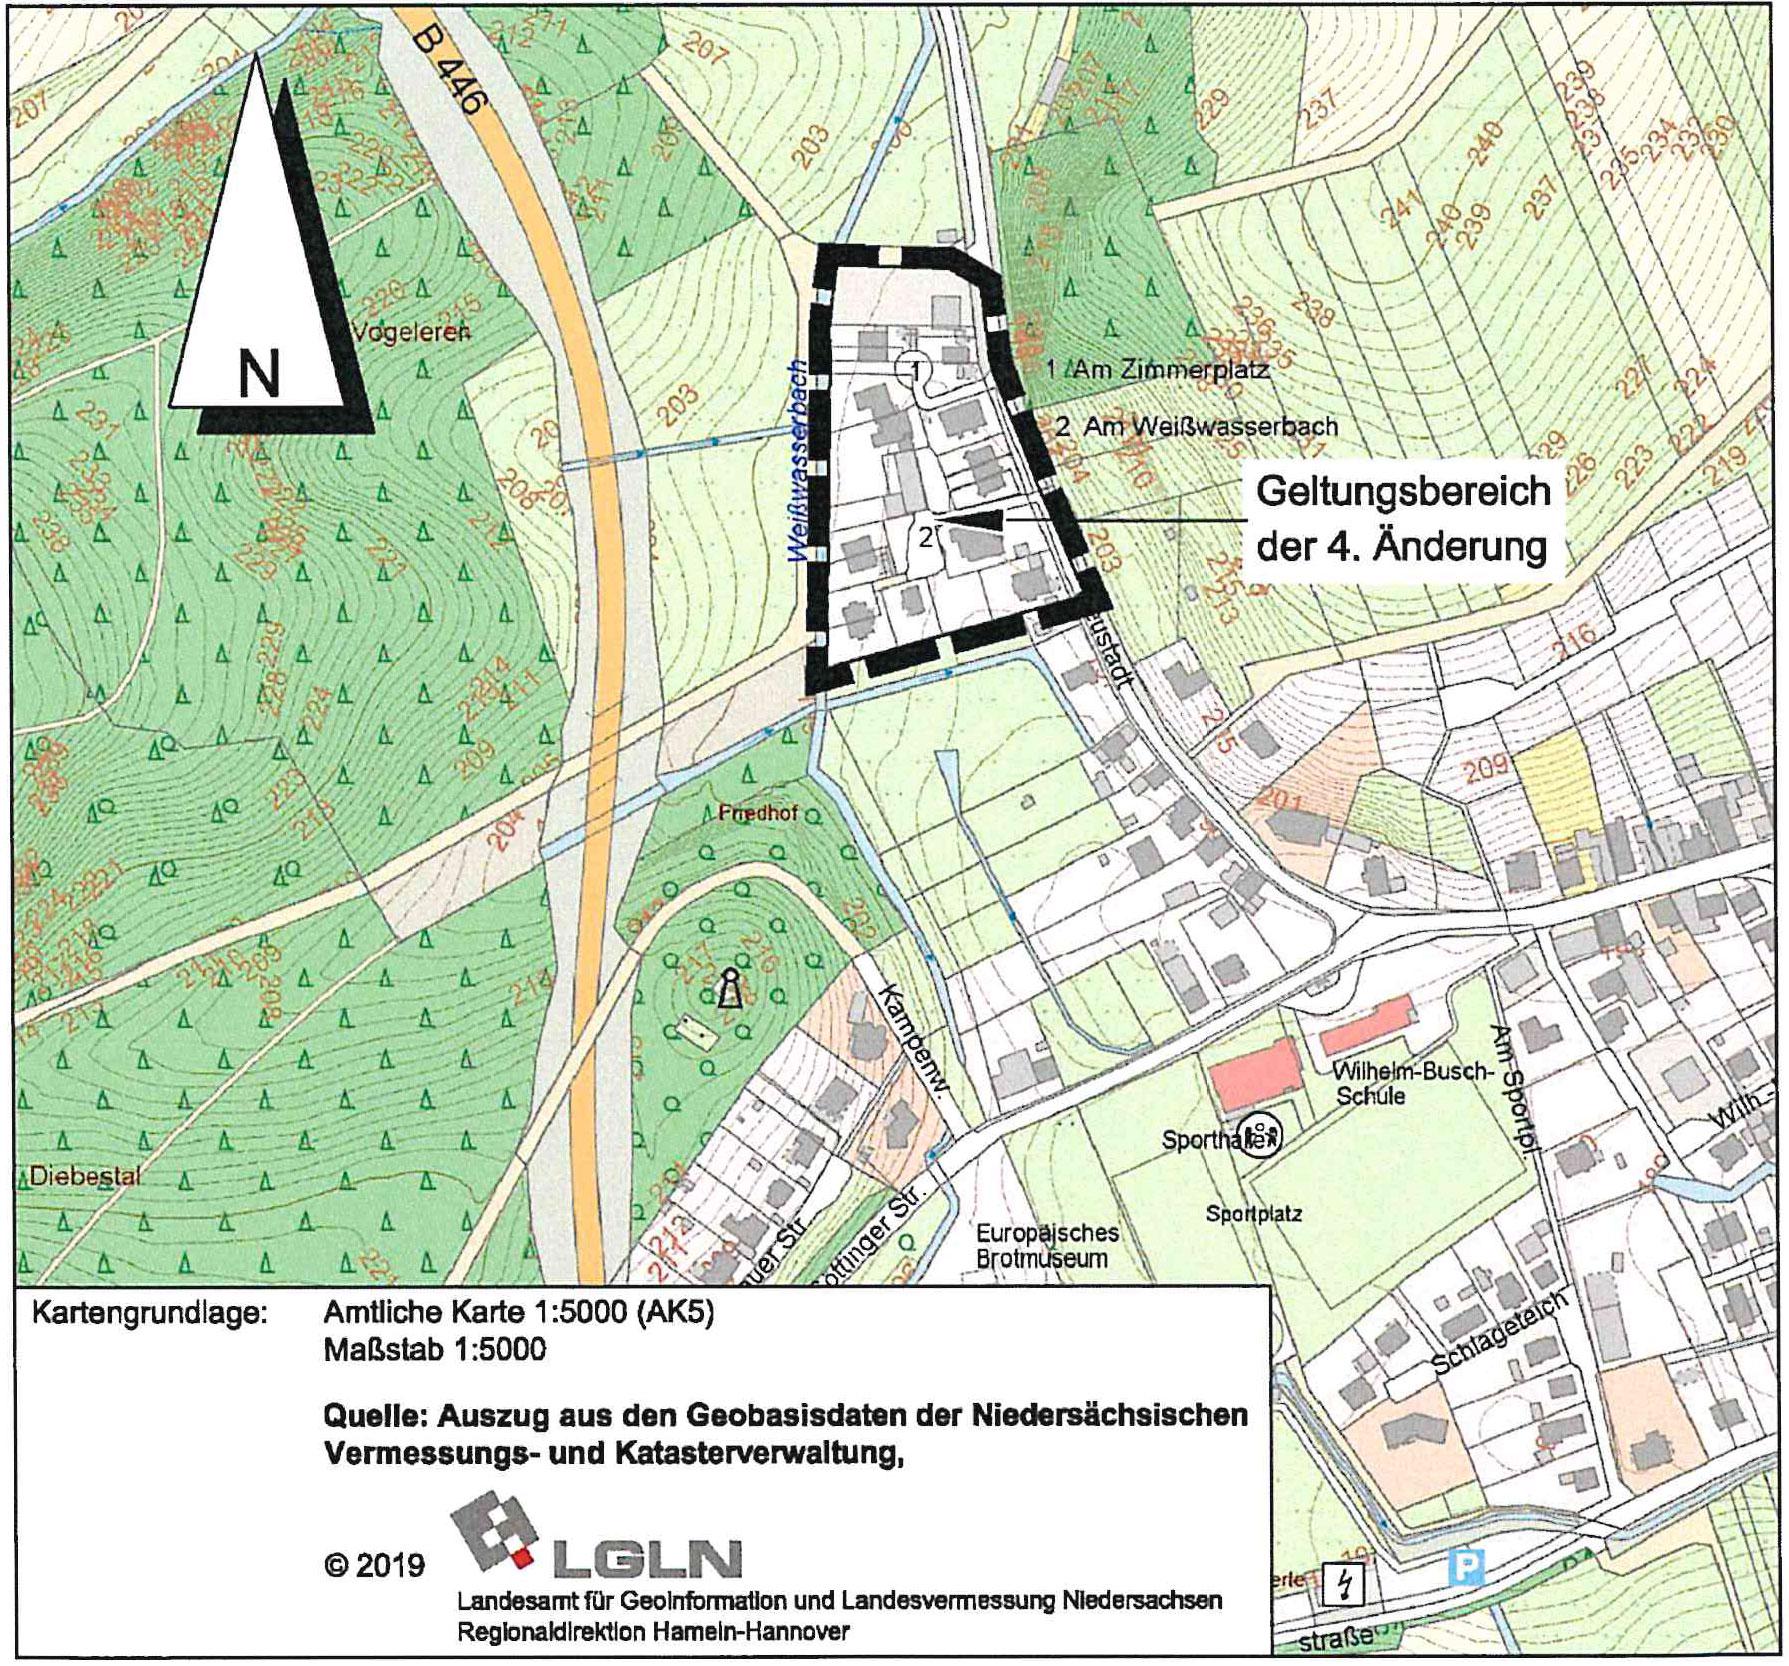 Amtliche Karte LGN